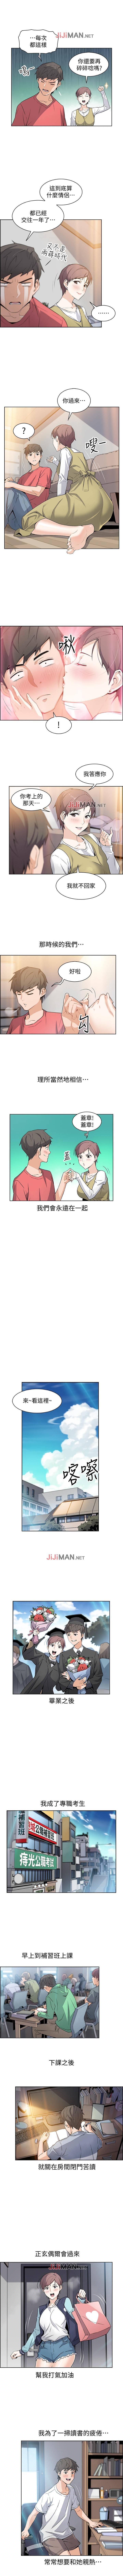 【周四连载】前女友变女佣(作者:PAPER&頸枕) 第1~33话 5